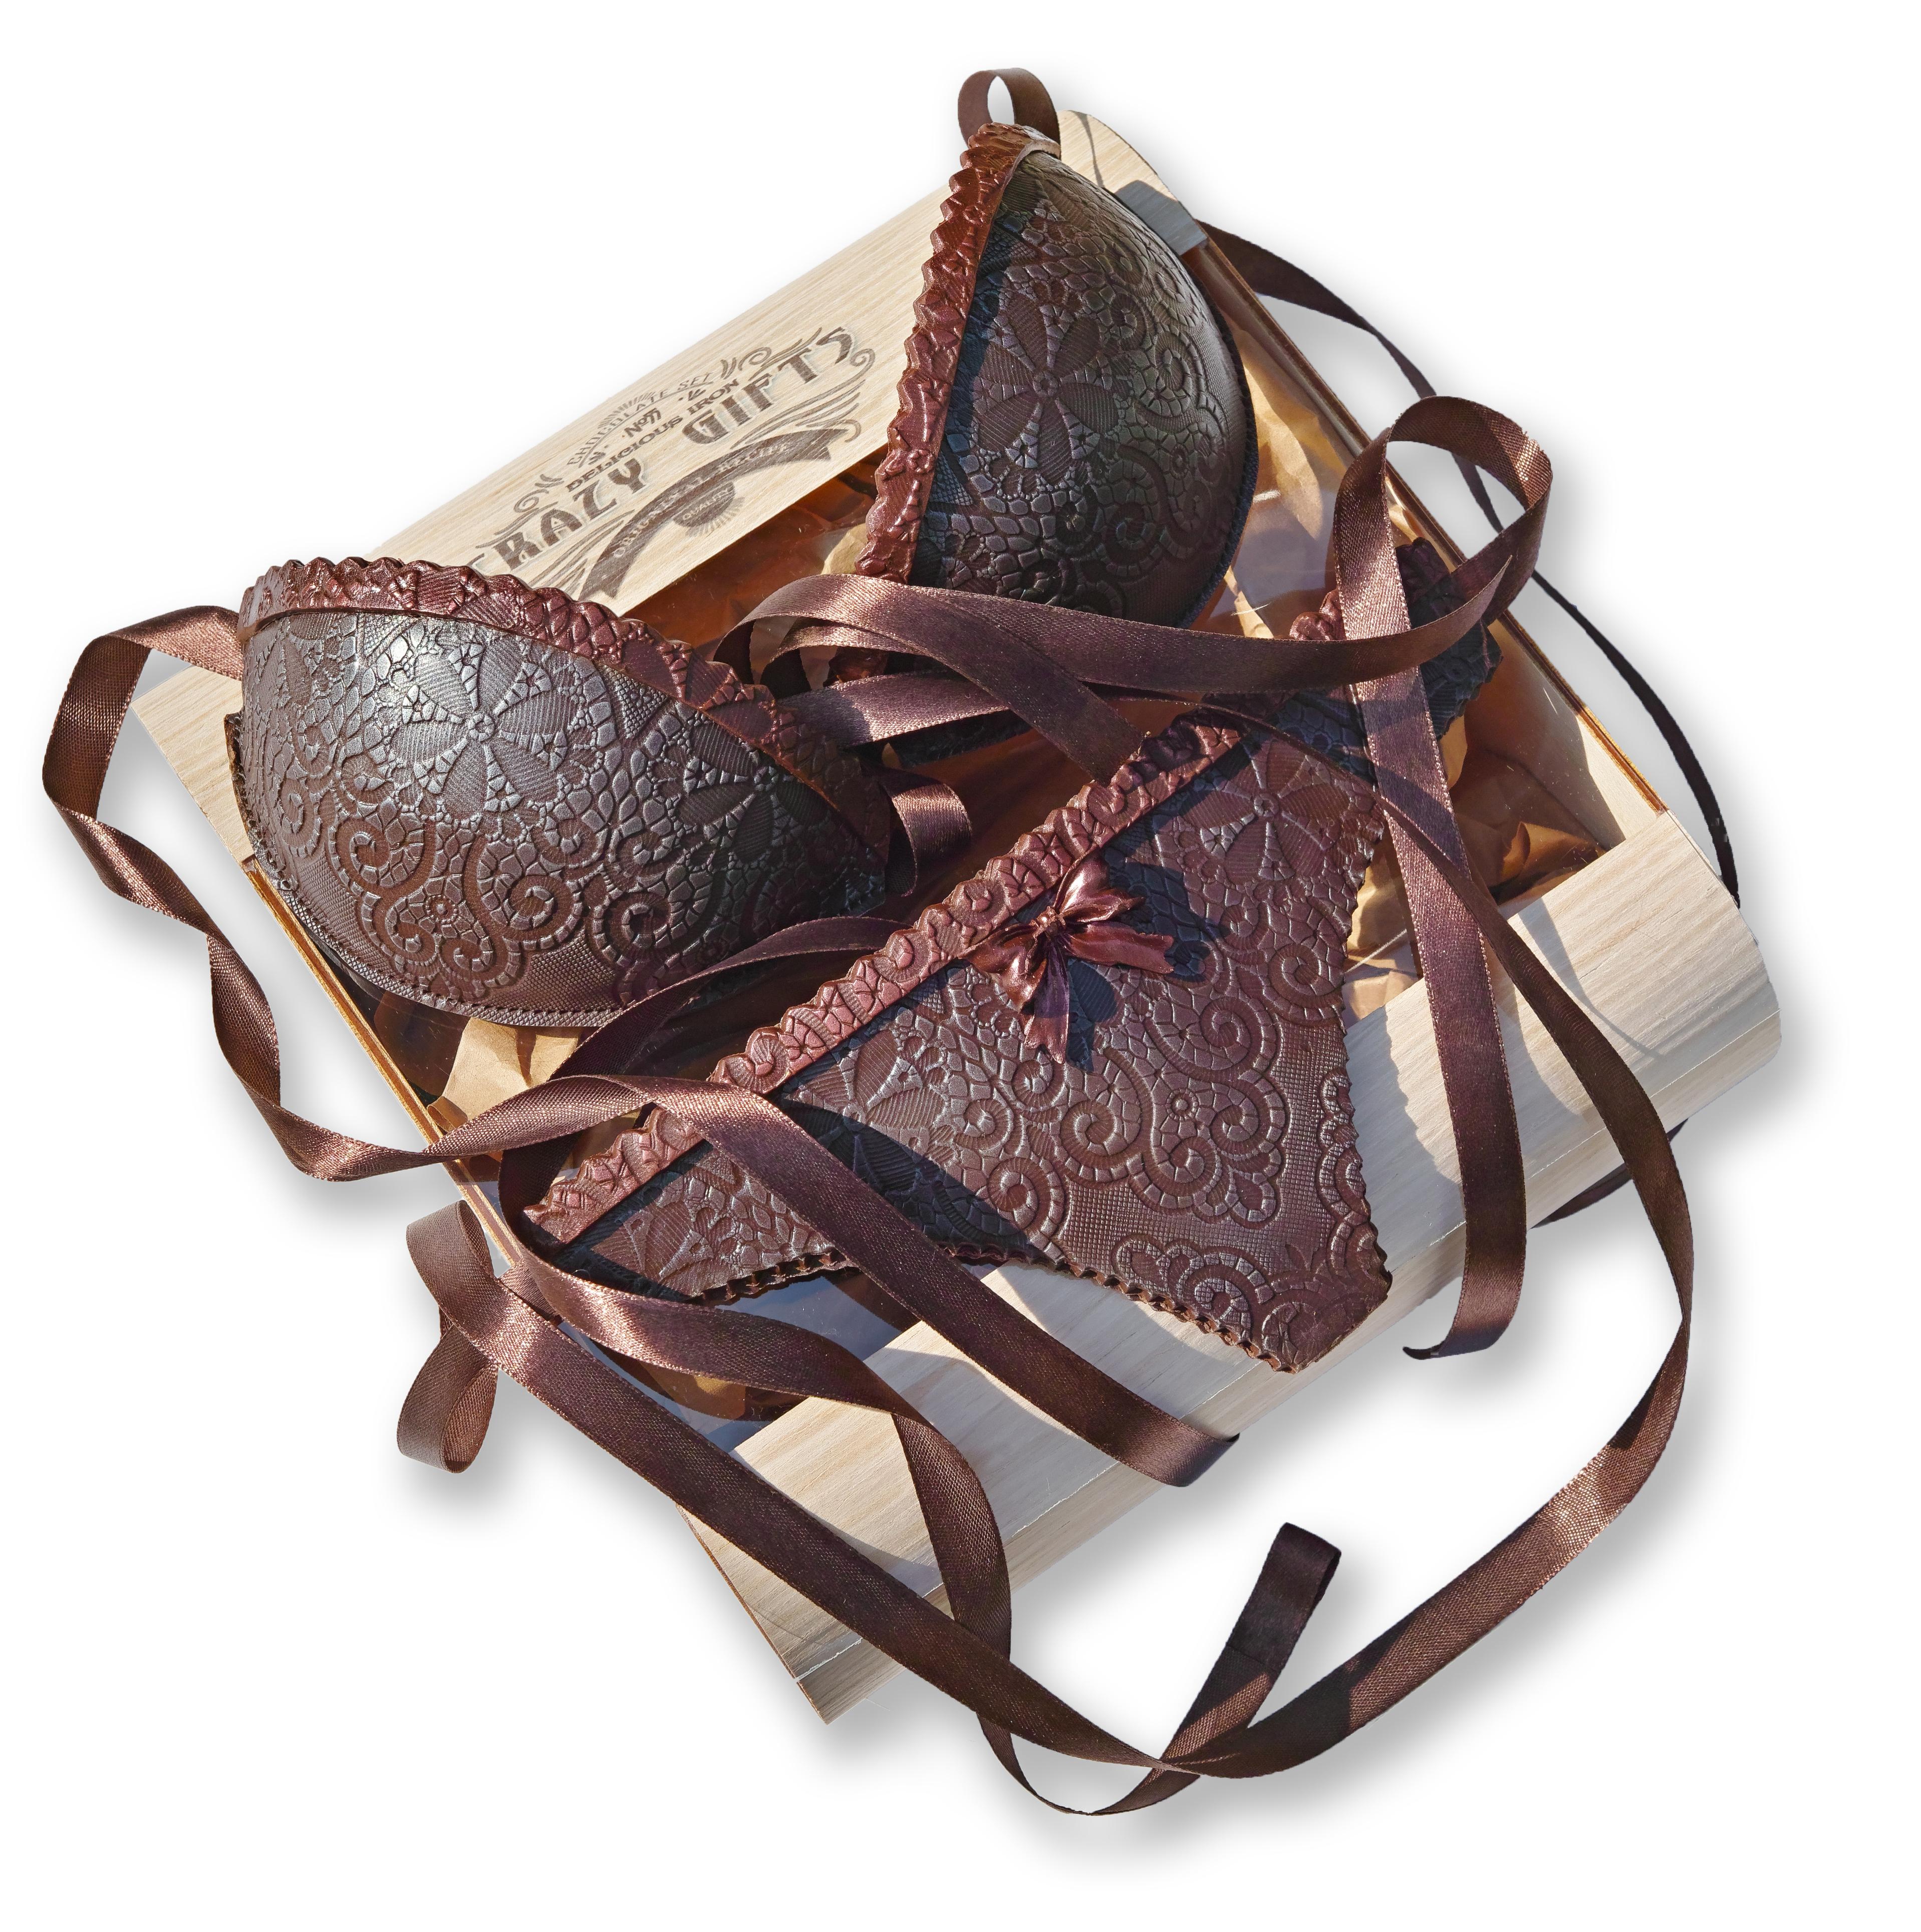 Шоколадное женское белье купить женское белье от производителя в интернет магазине